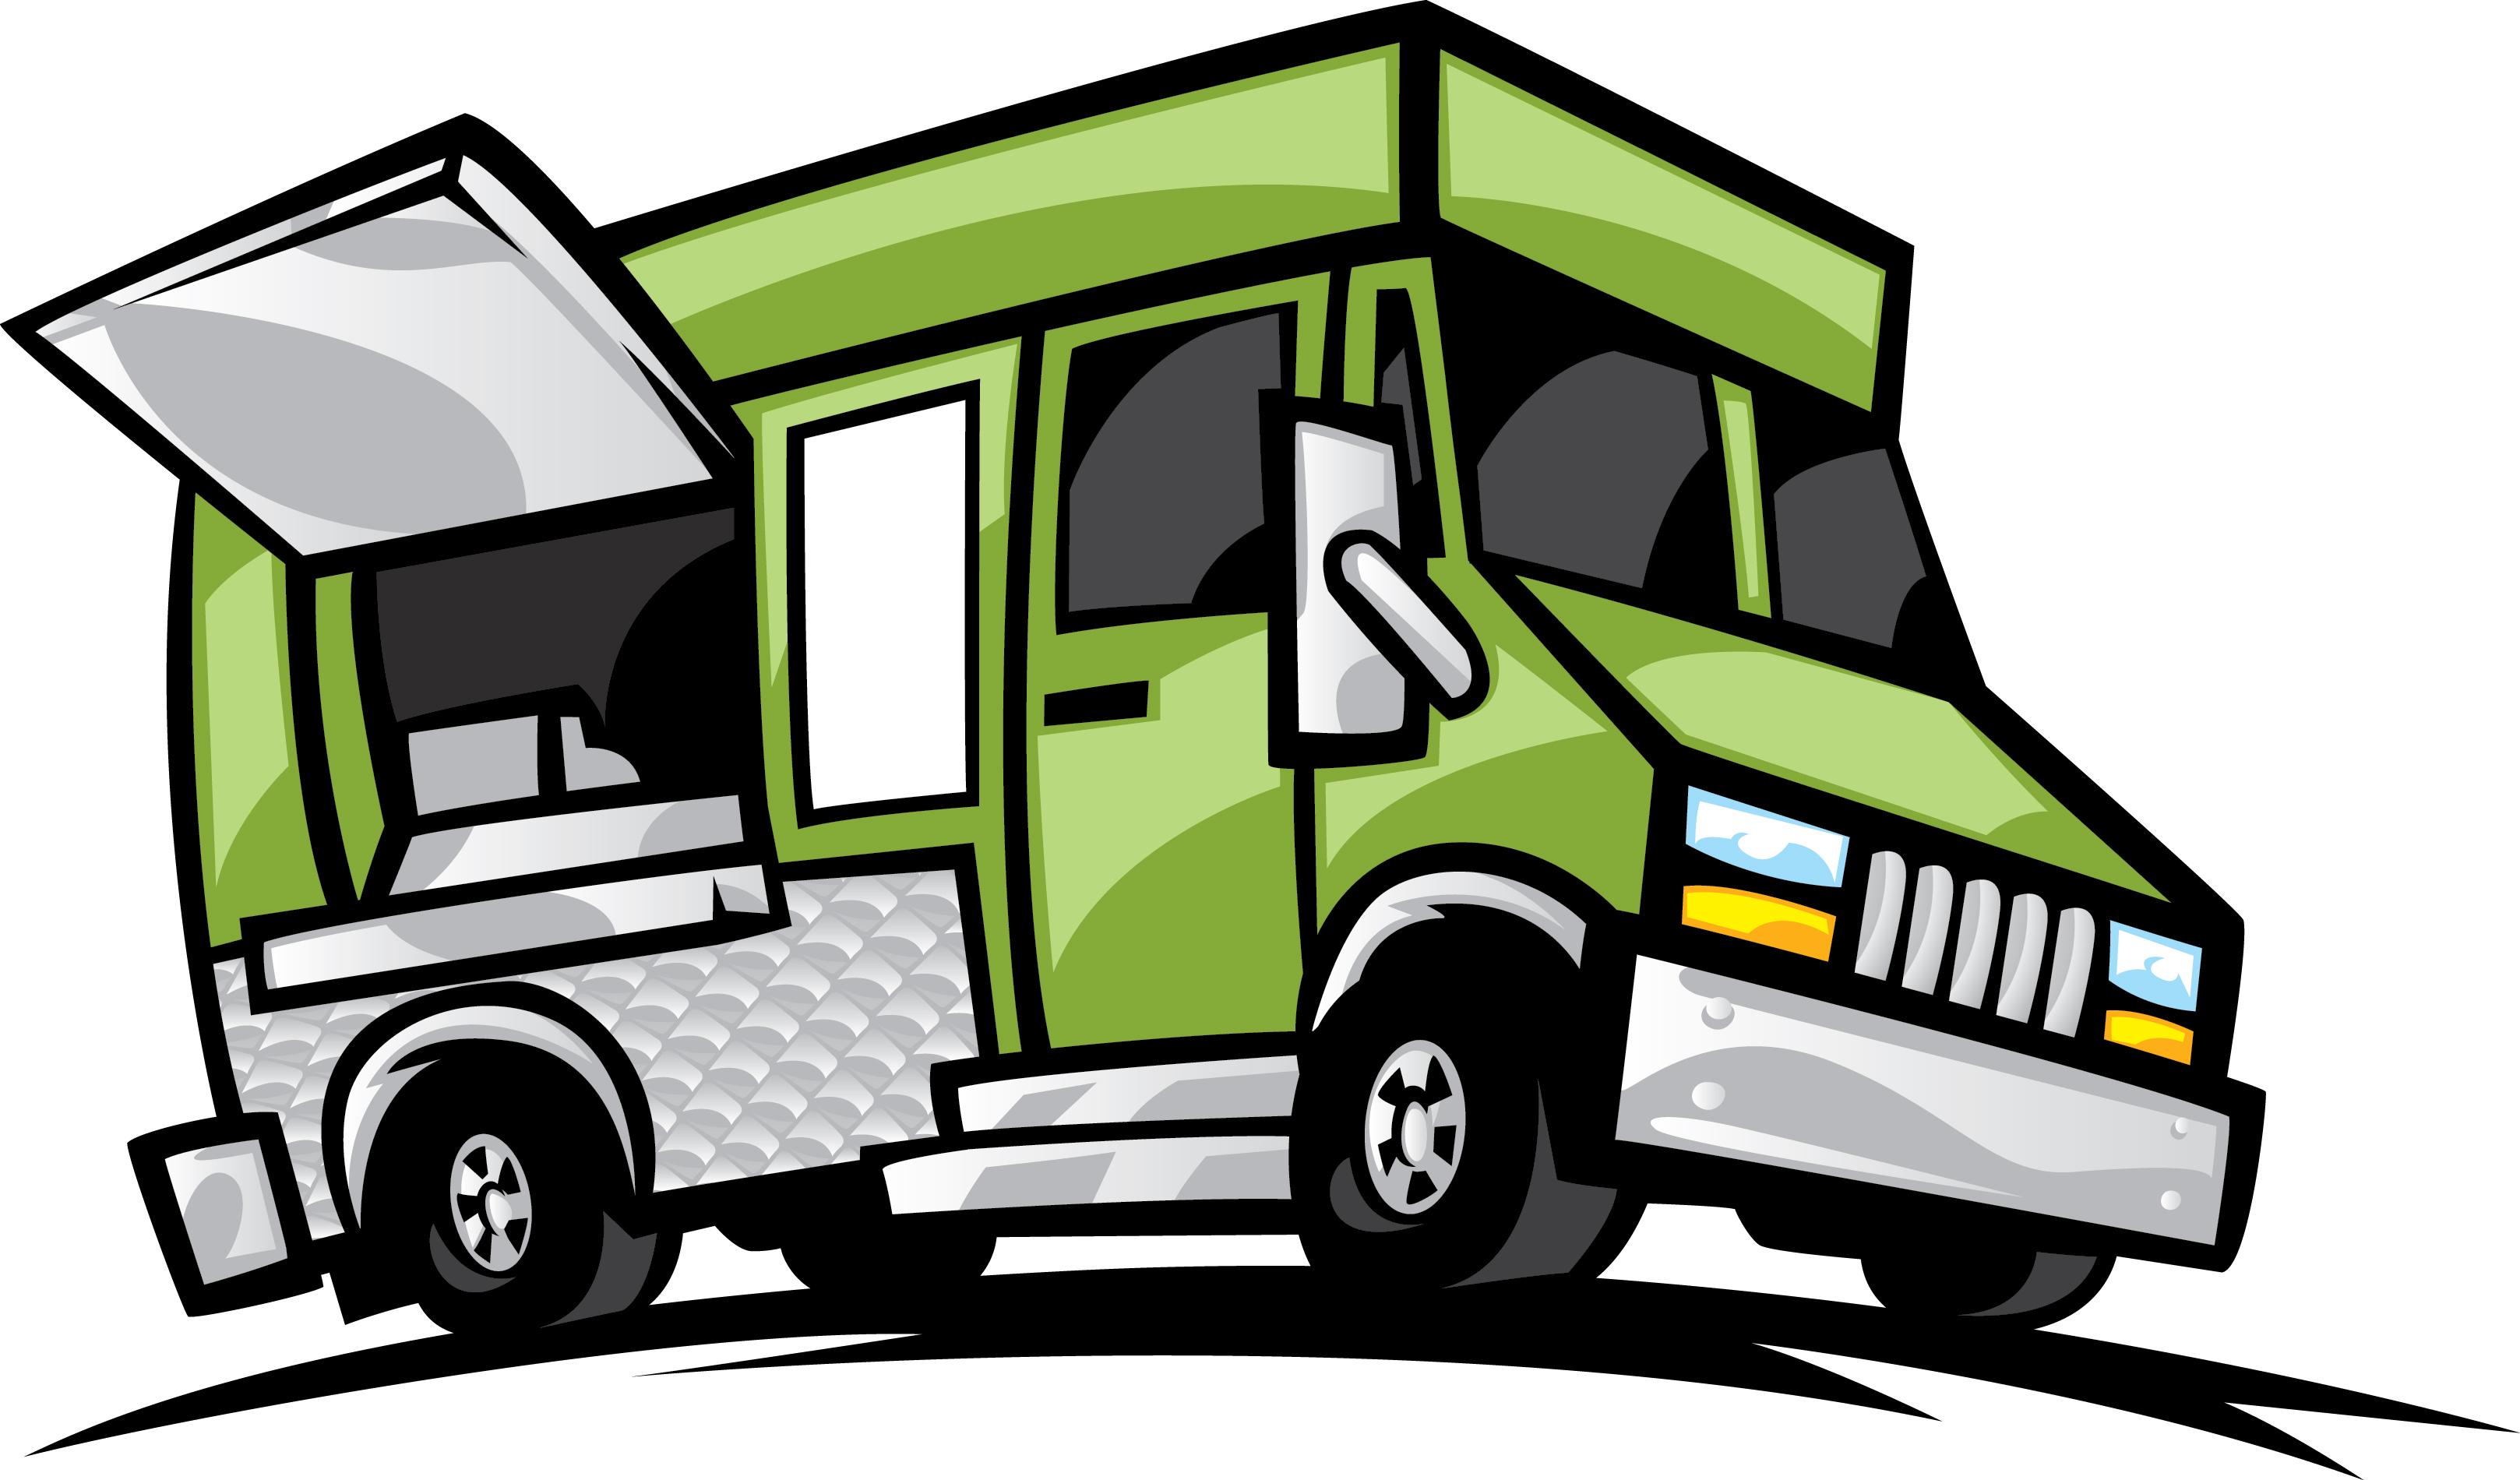 3235x1900 Of Food Trucks